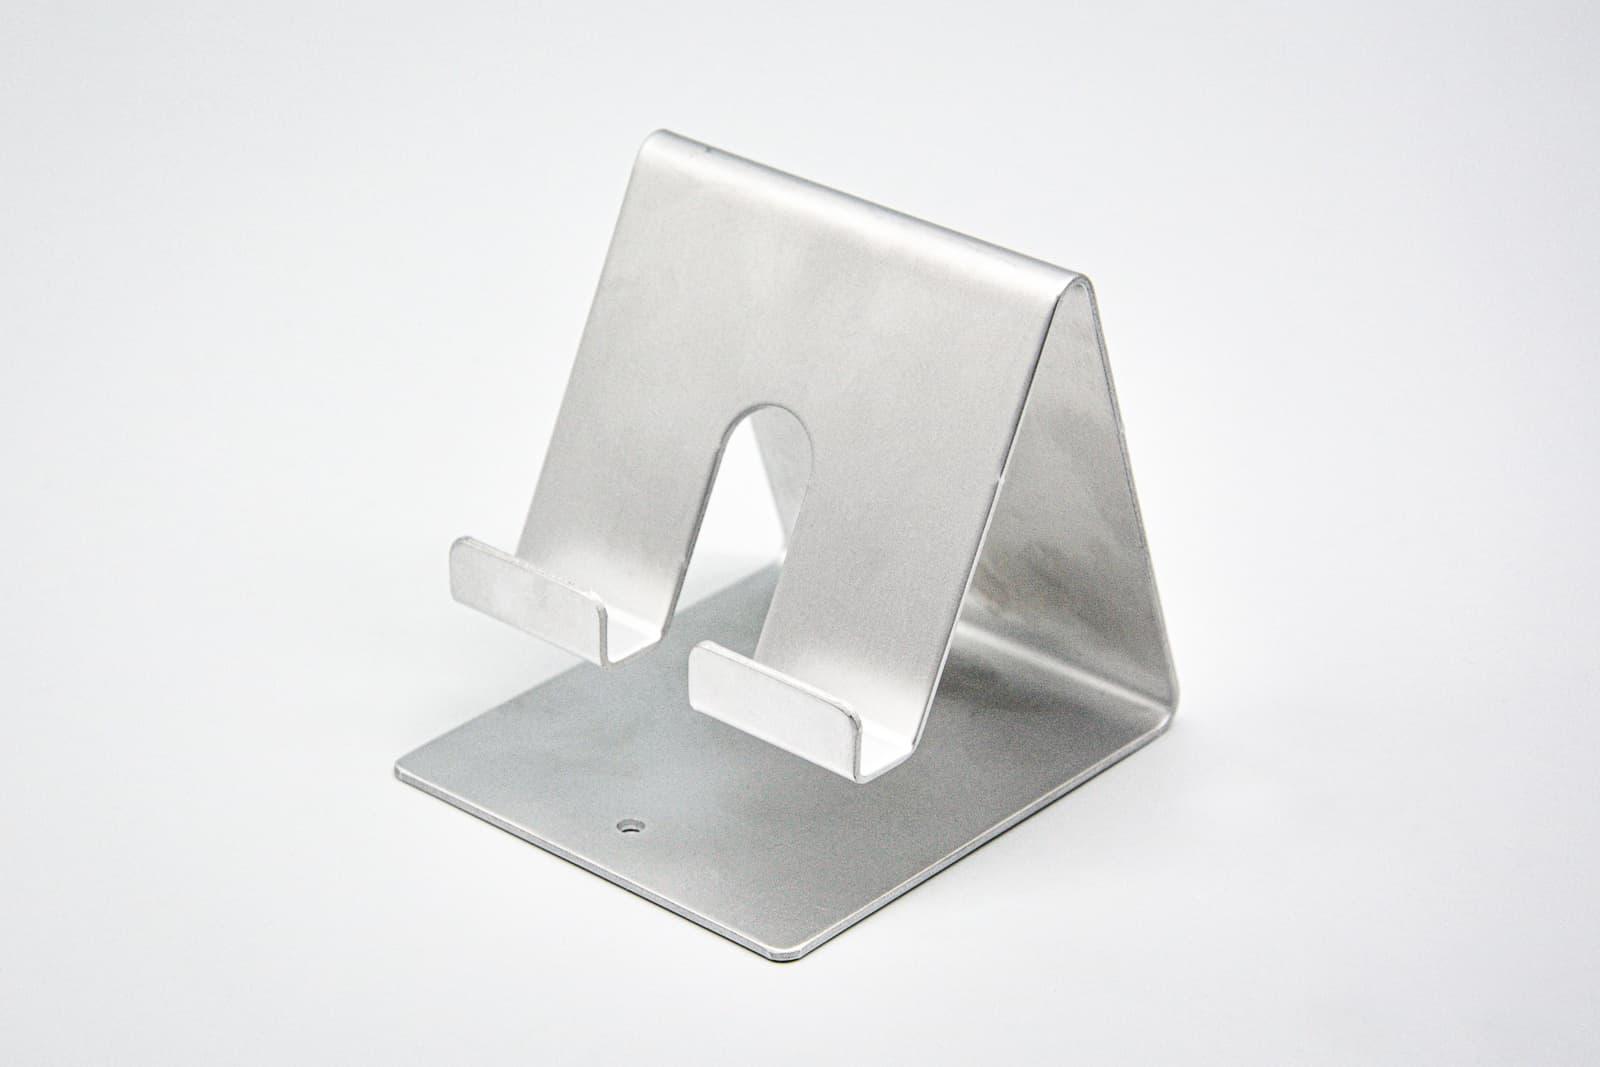 Order Sheet Metal parts aluminium